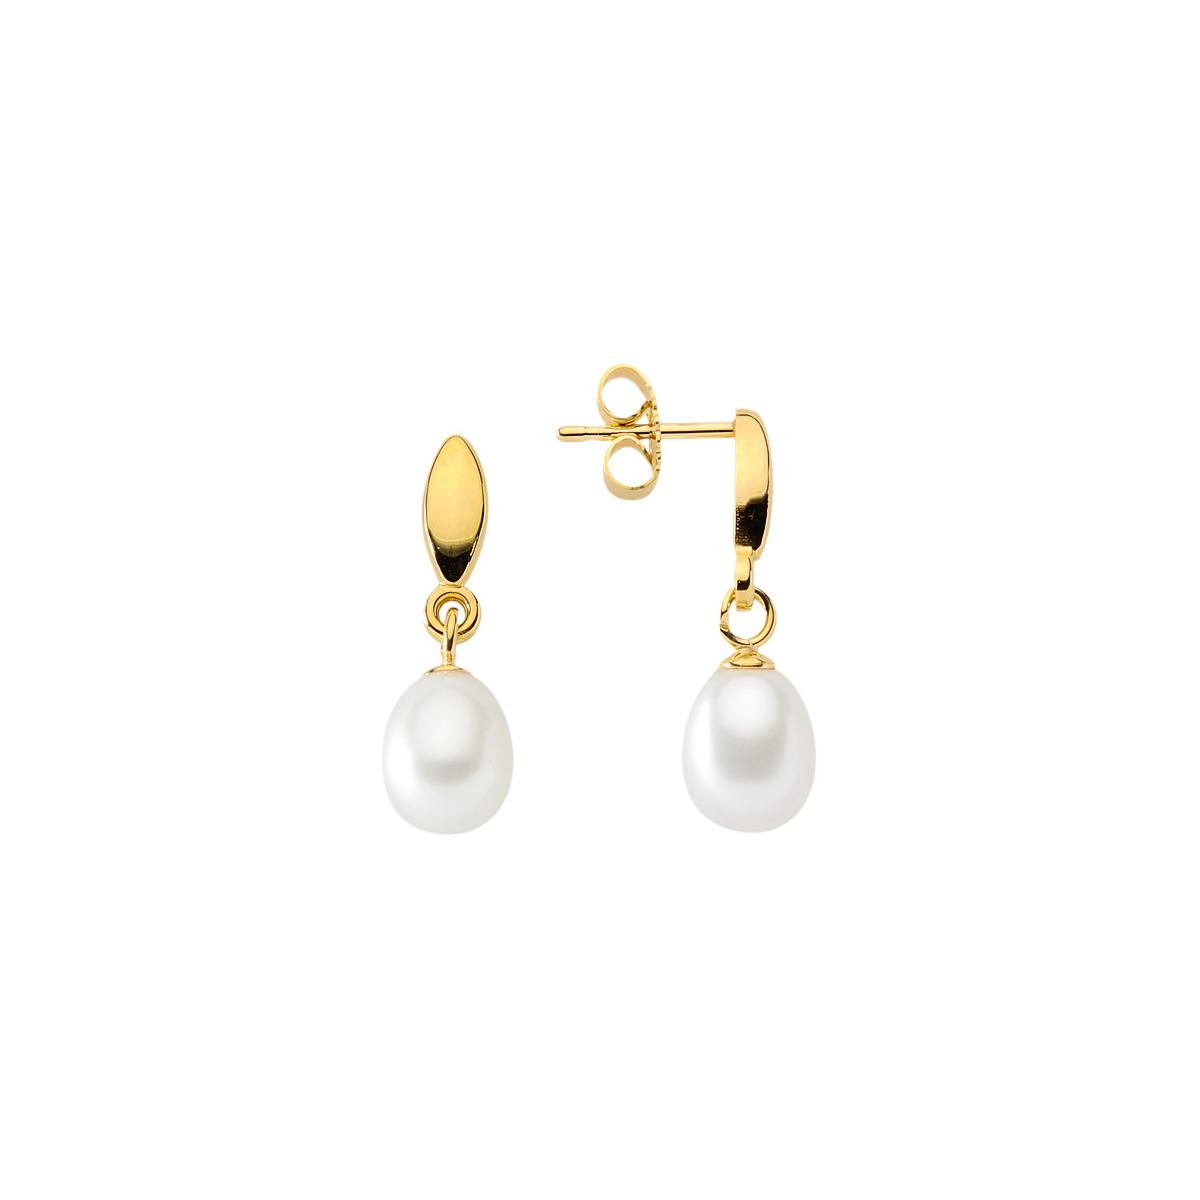 Perleøreringe. Billige guld øreringe med perler til salg. Perle ørestikker